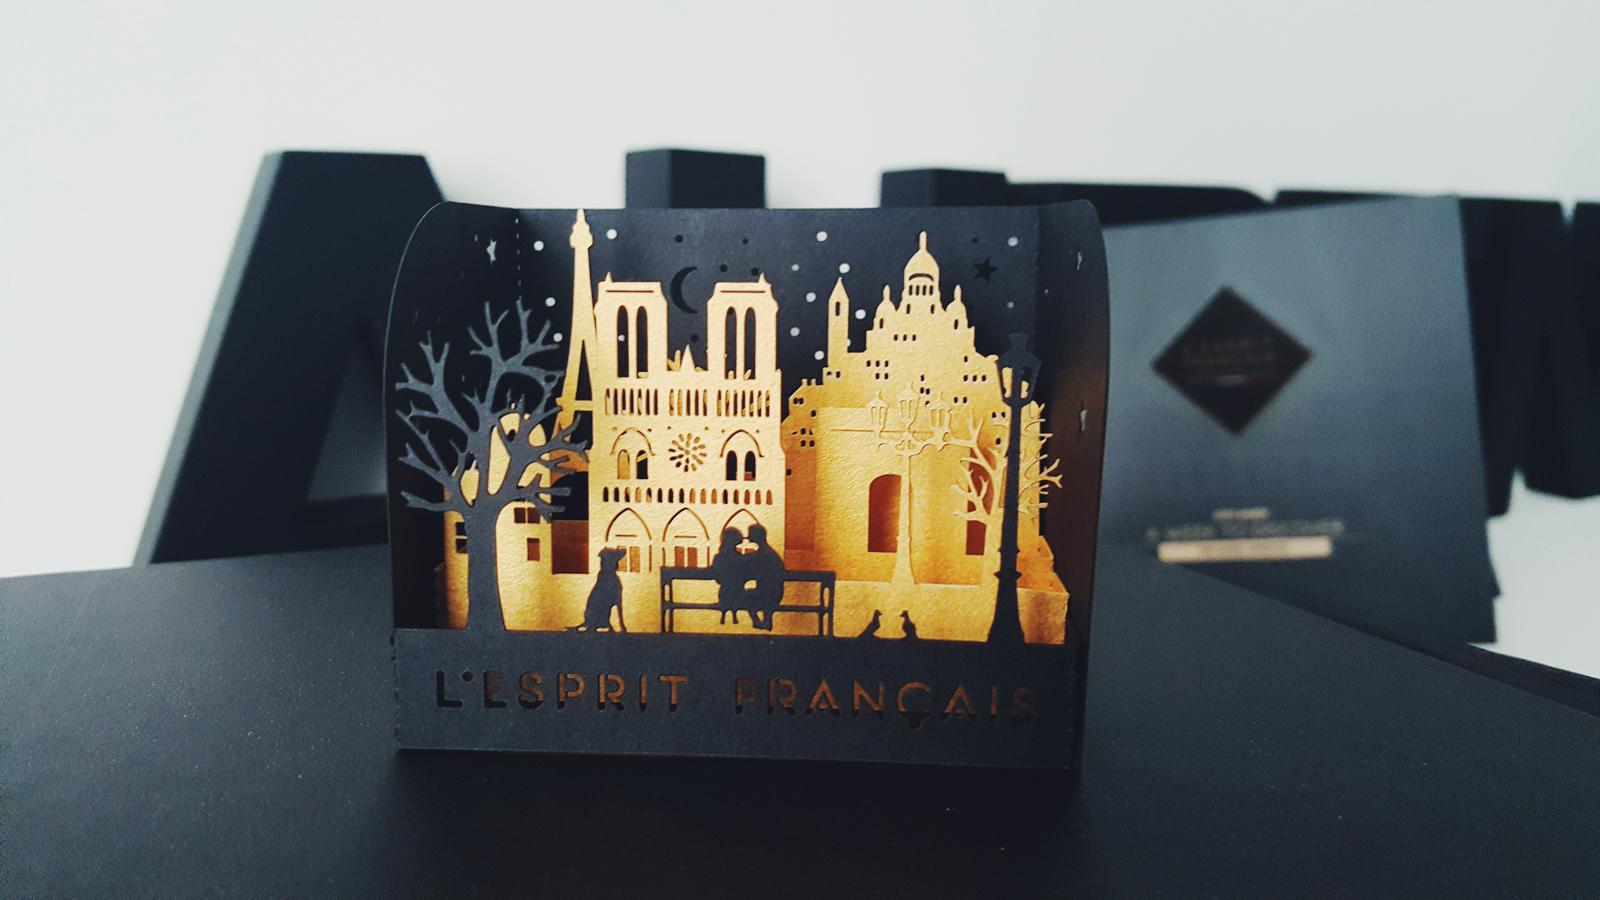 L 39 esprit fran ais french box for paris lovers for Restaurant miroir paris